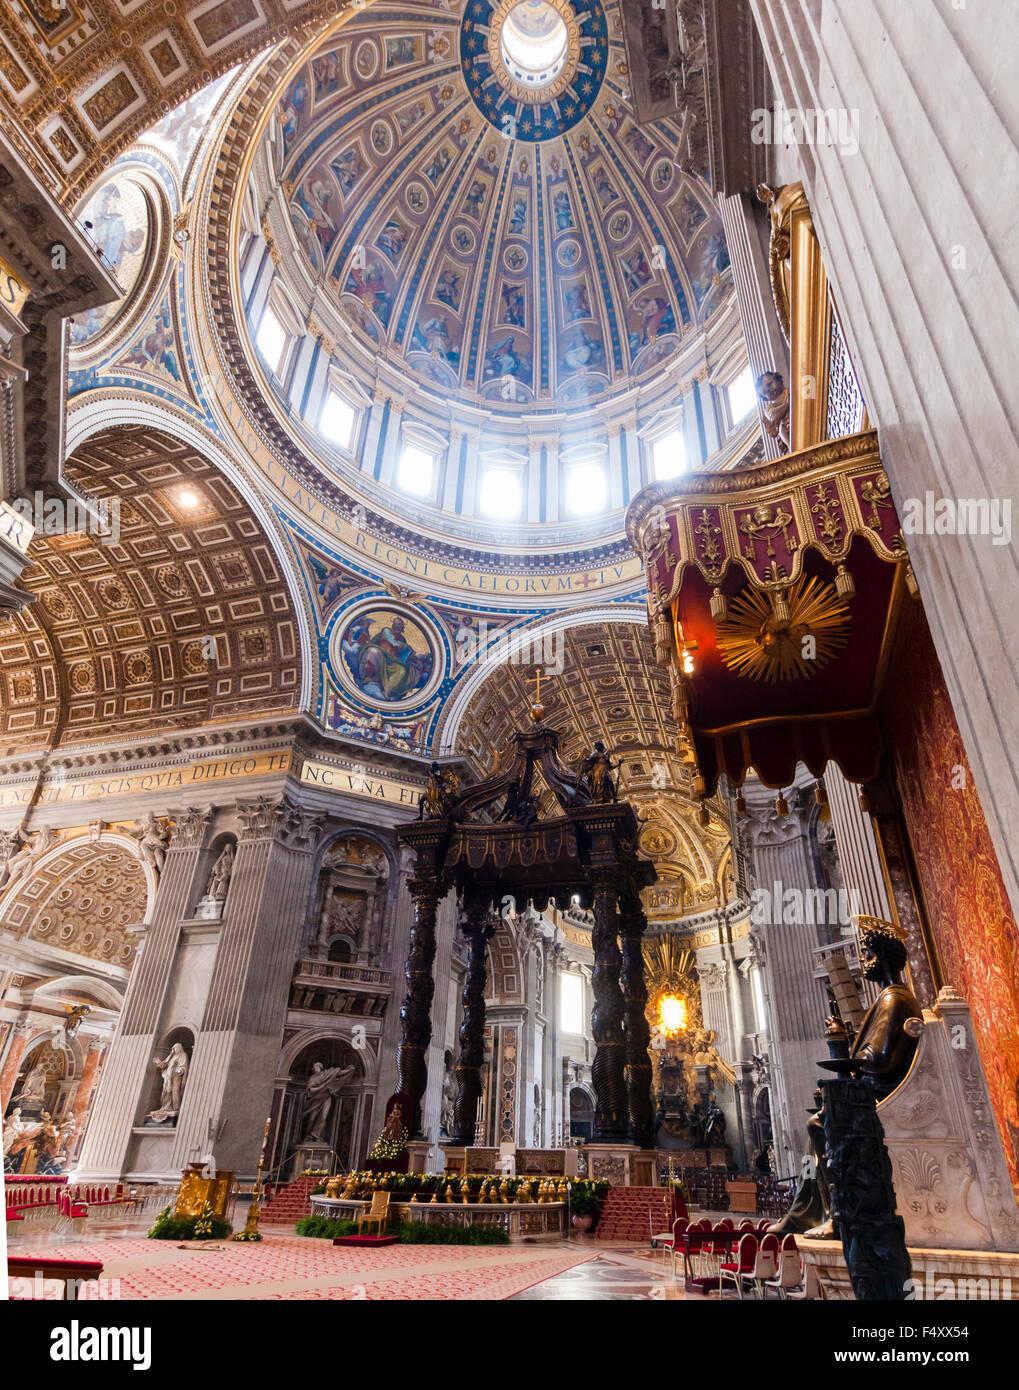 Innenansicht der päpstlichen Basilika St. Peter, Vatikan: Chor mit Berninis Baldacchino Altar unter der Hauptkuppel. Stockbild